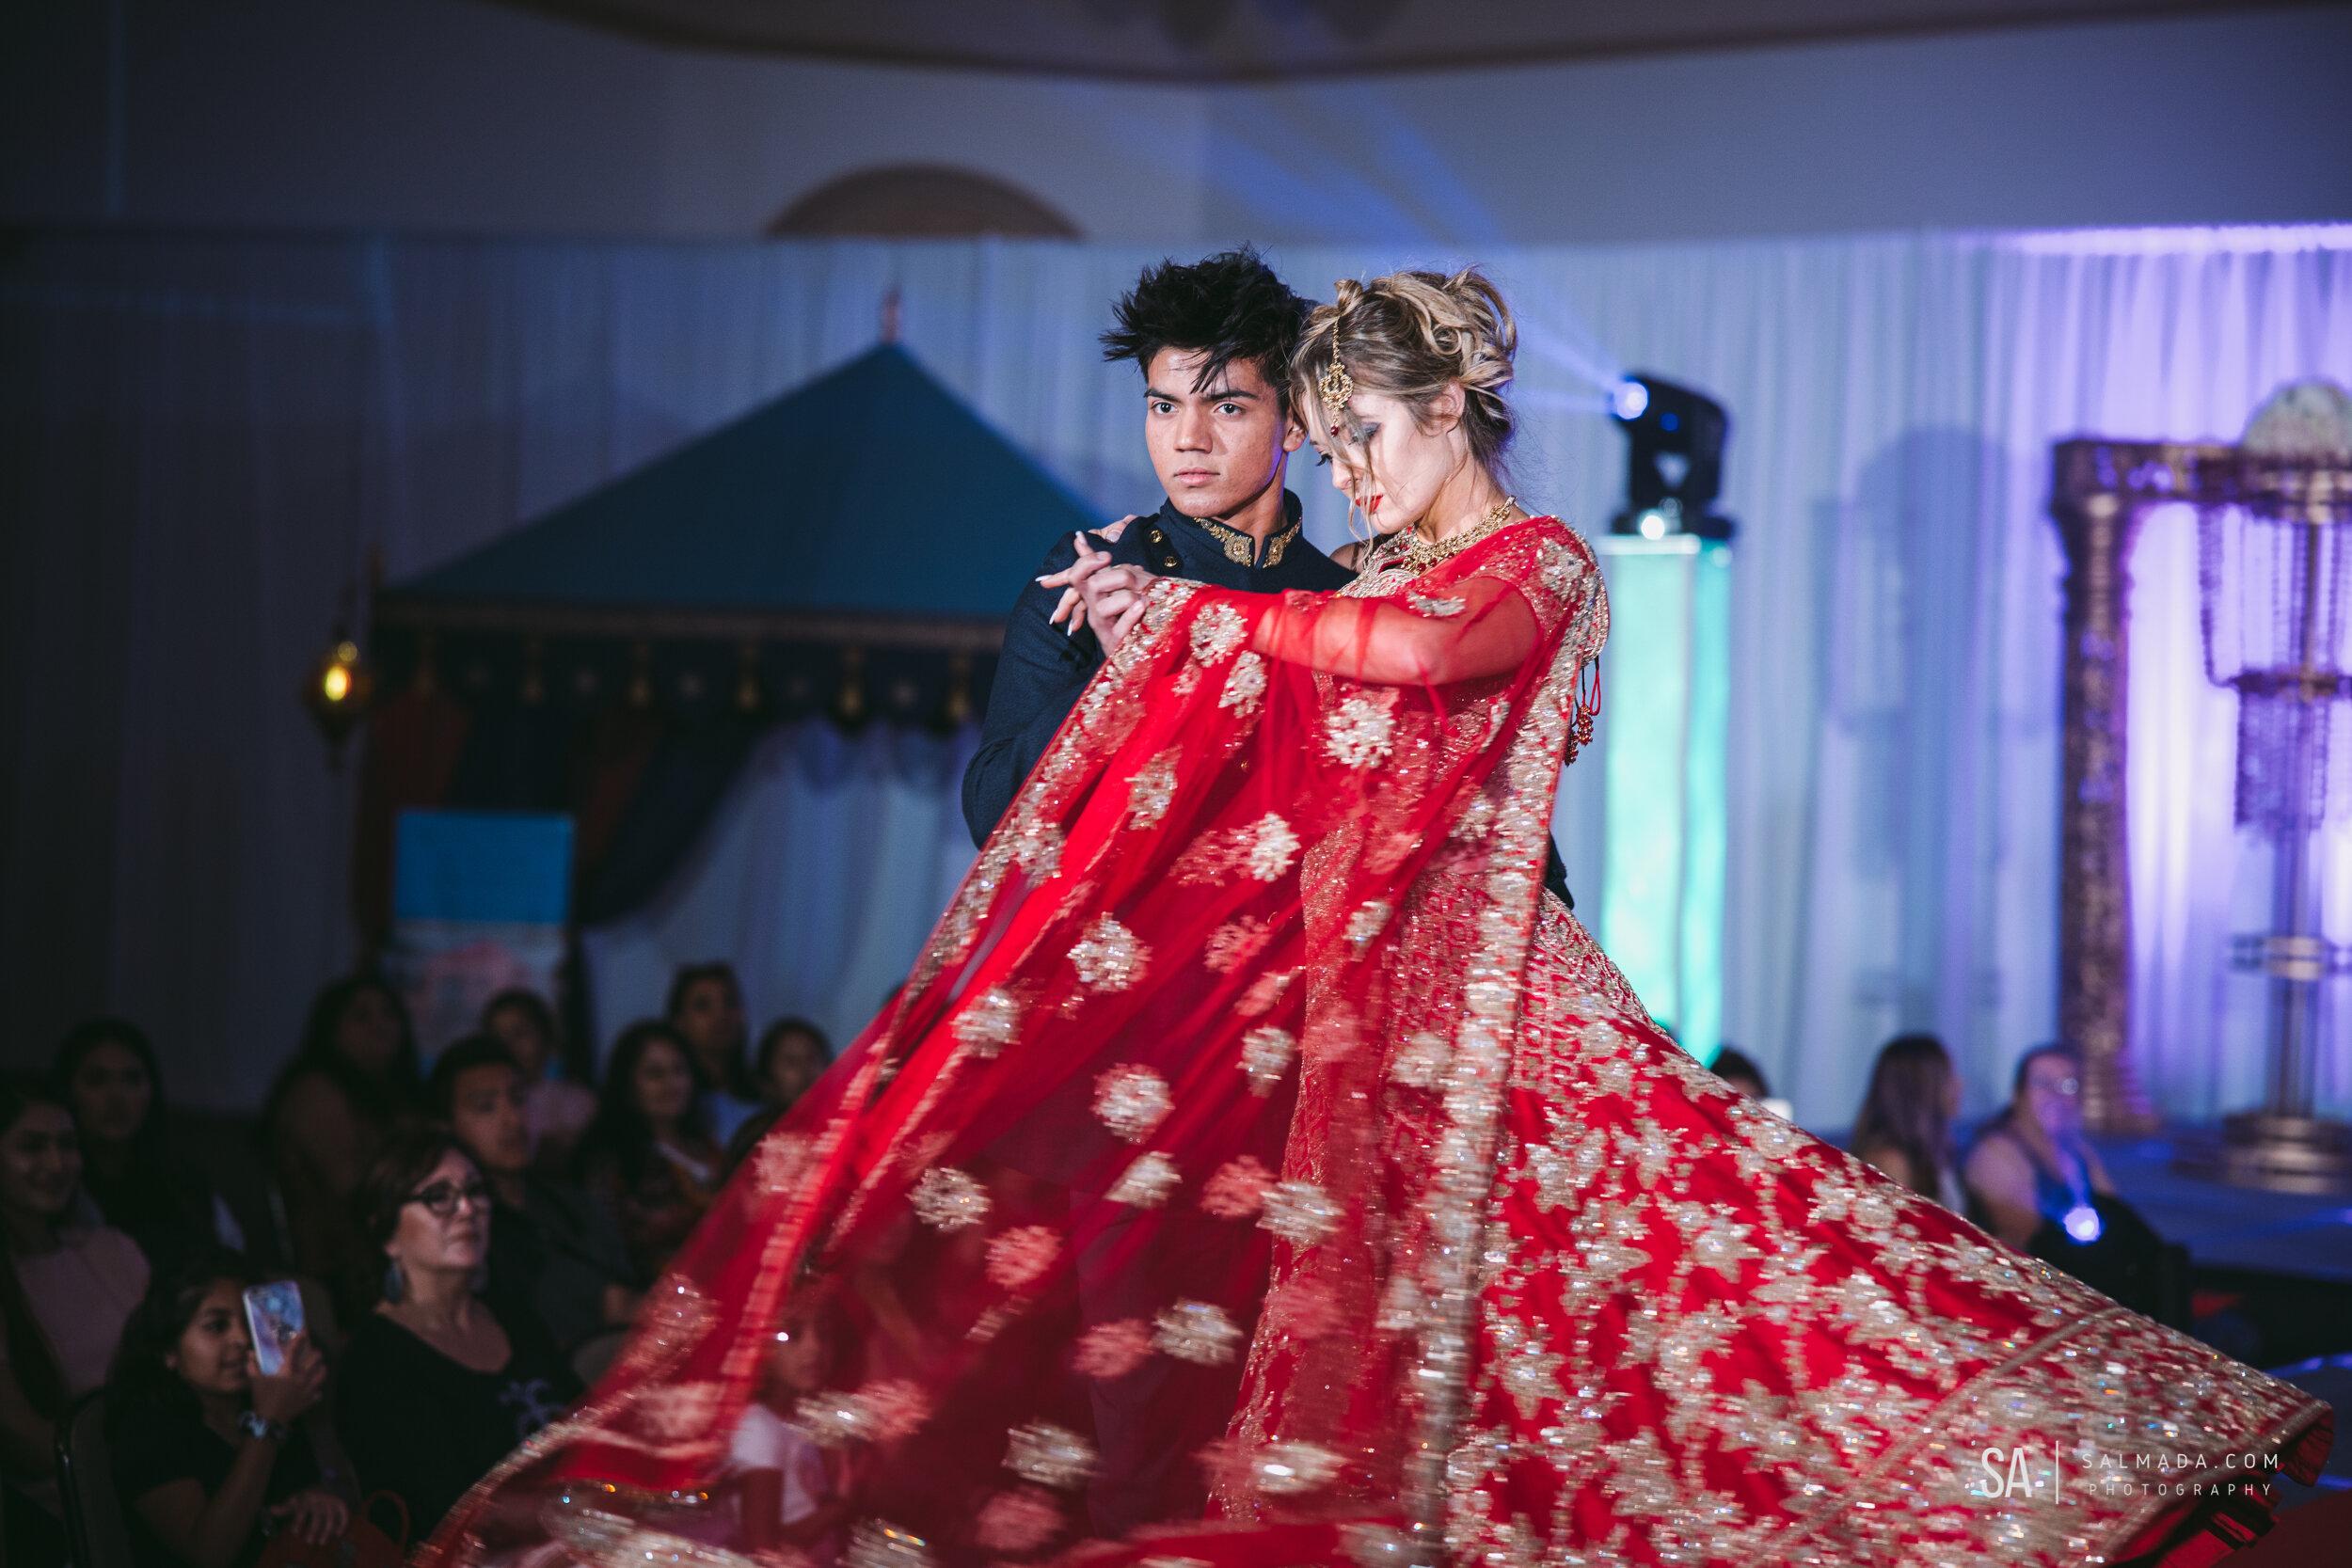 Santiago Almada Wedding Photographer 2.jpg